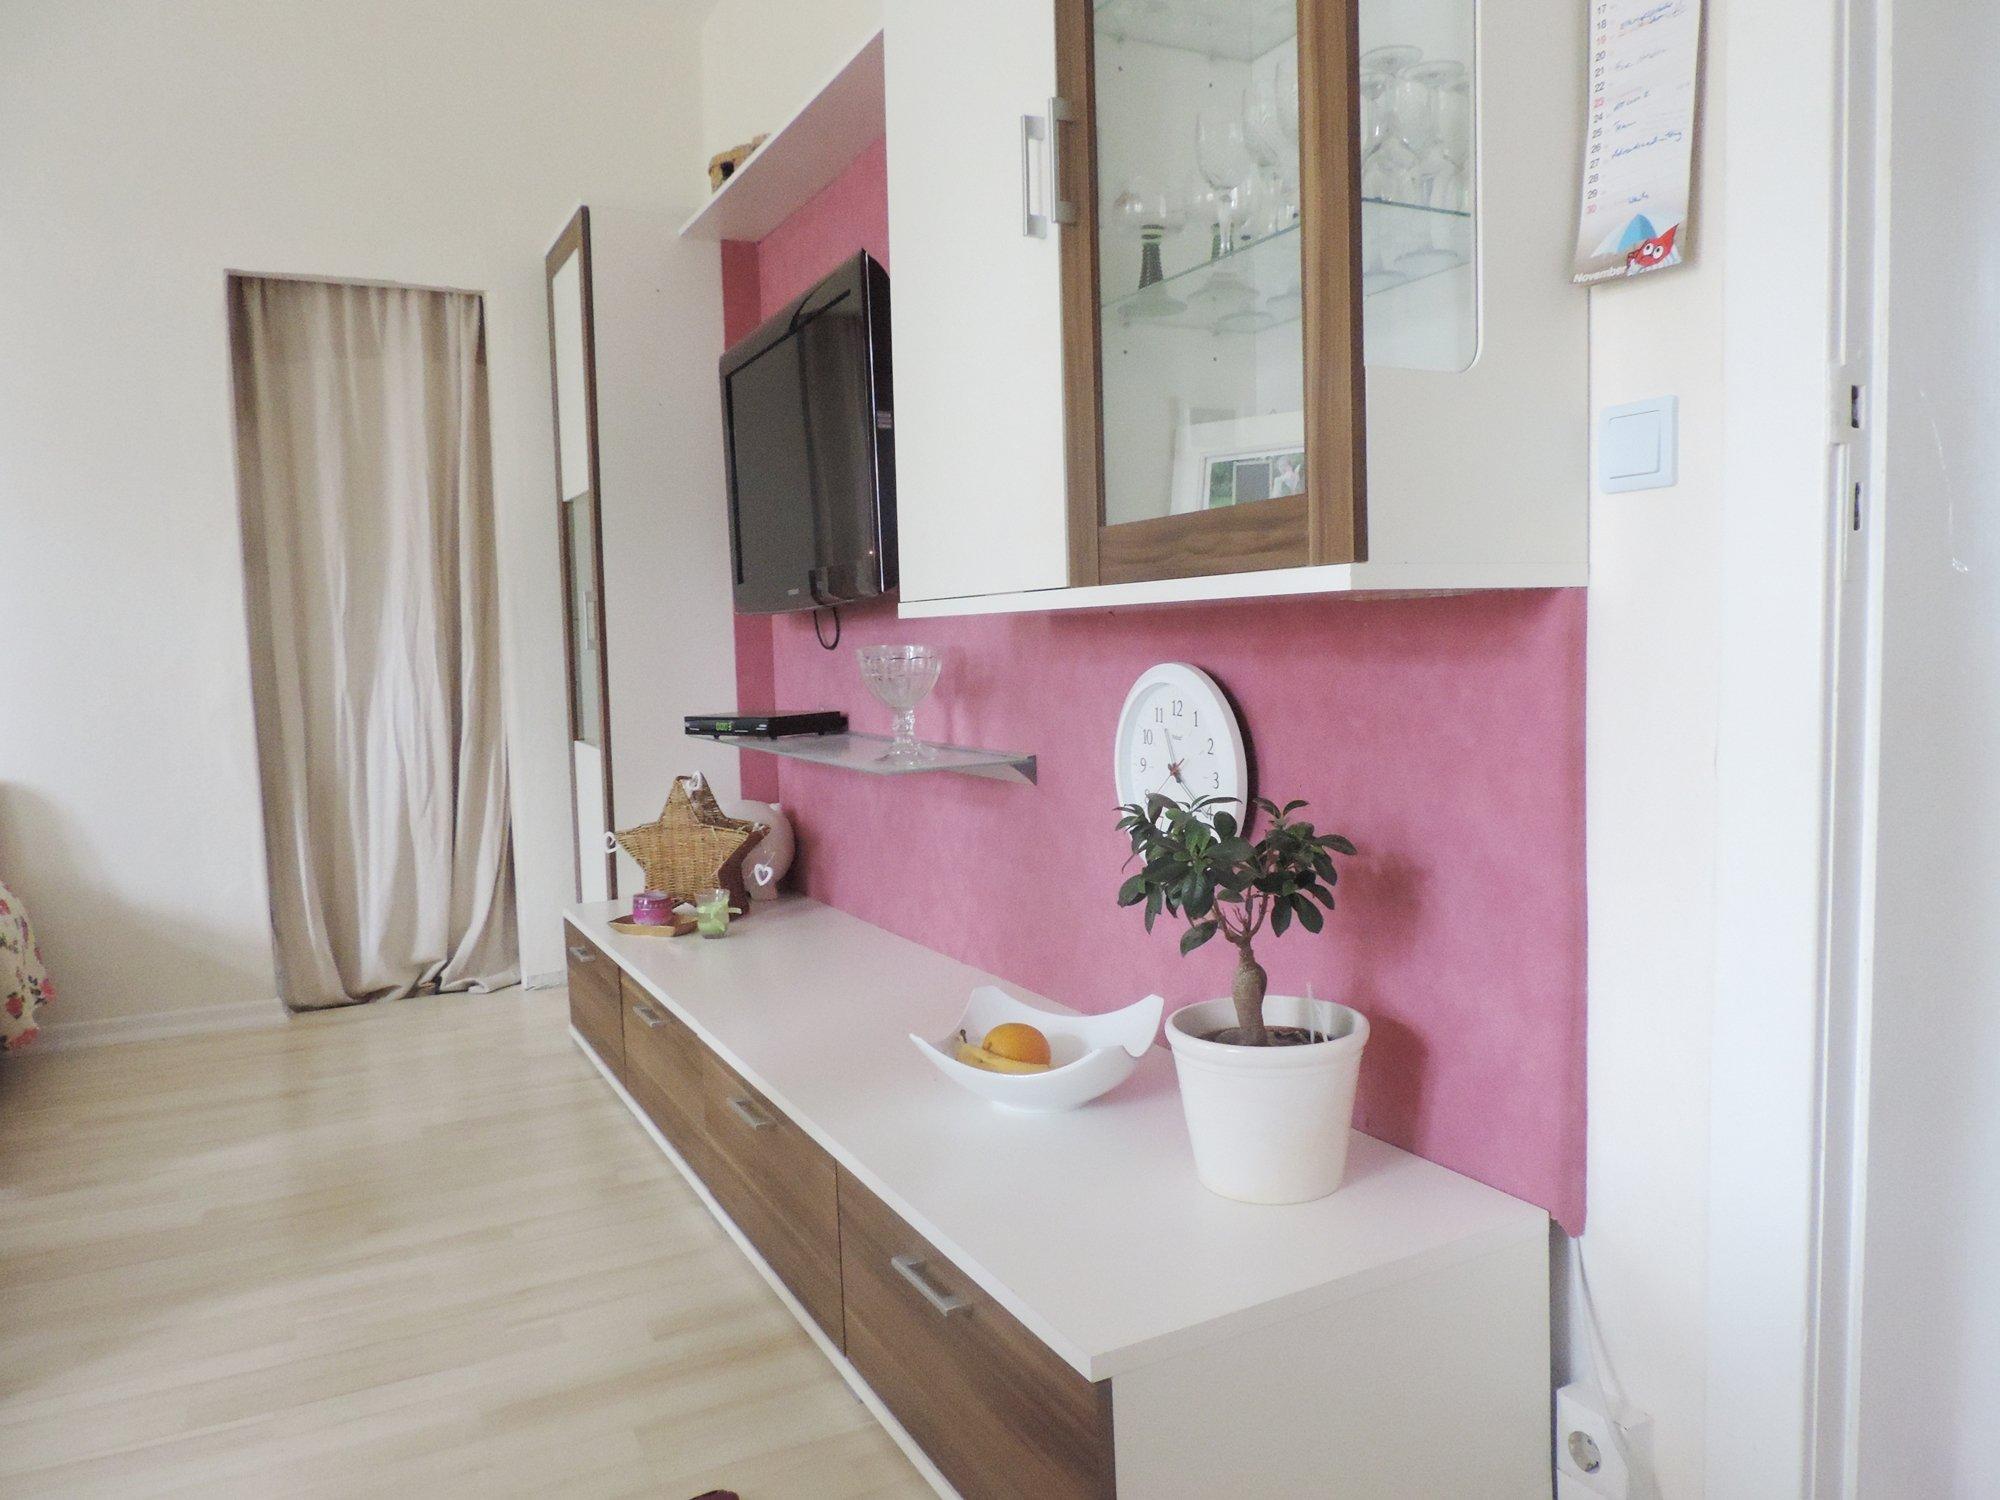 wohnzimmer 39 wohnzimmer 2014 39 ein st ck vom gl ck zimmerschau. Black Bedroom Furniture Sets. Home Design Ideas